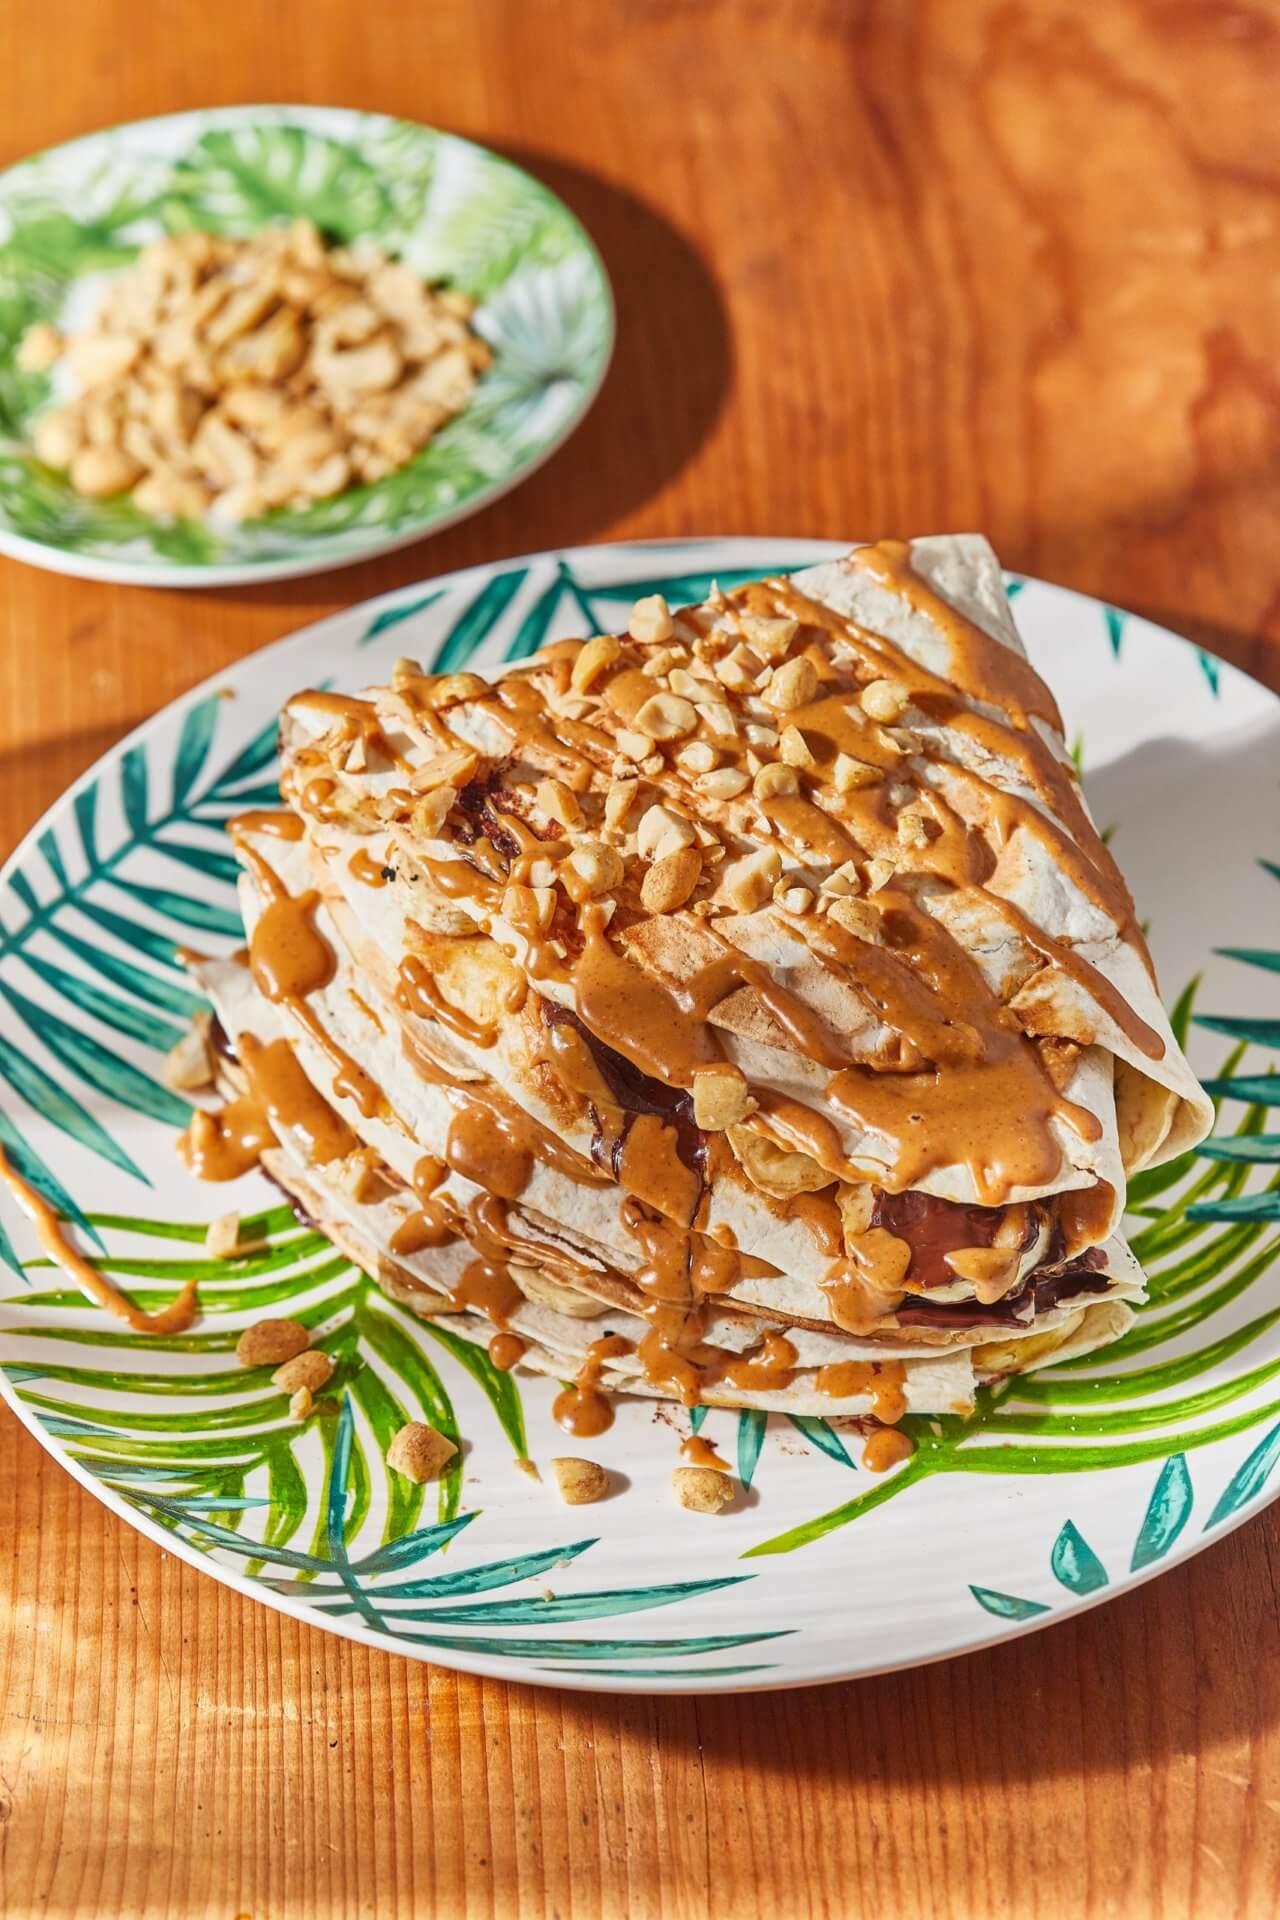 Mogyoróvajas-banános quesadilla